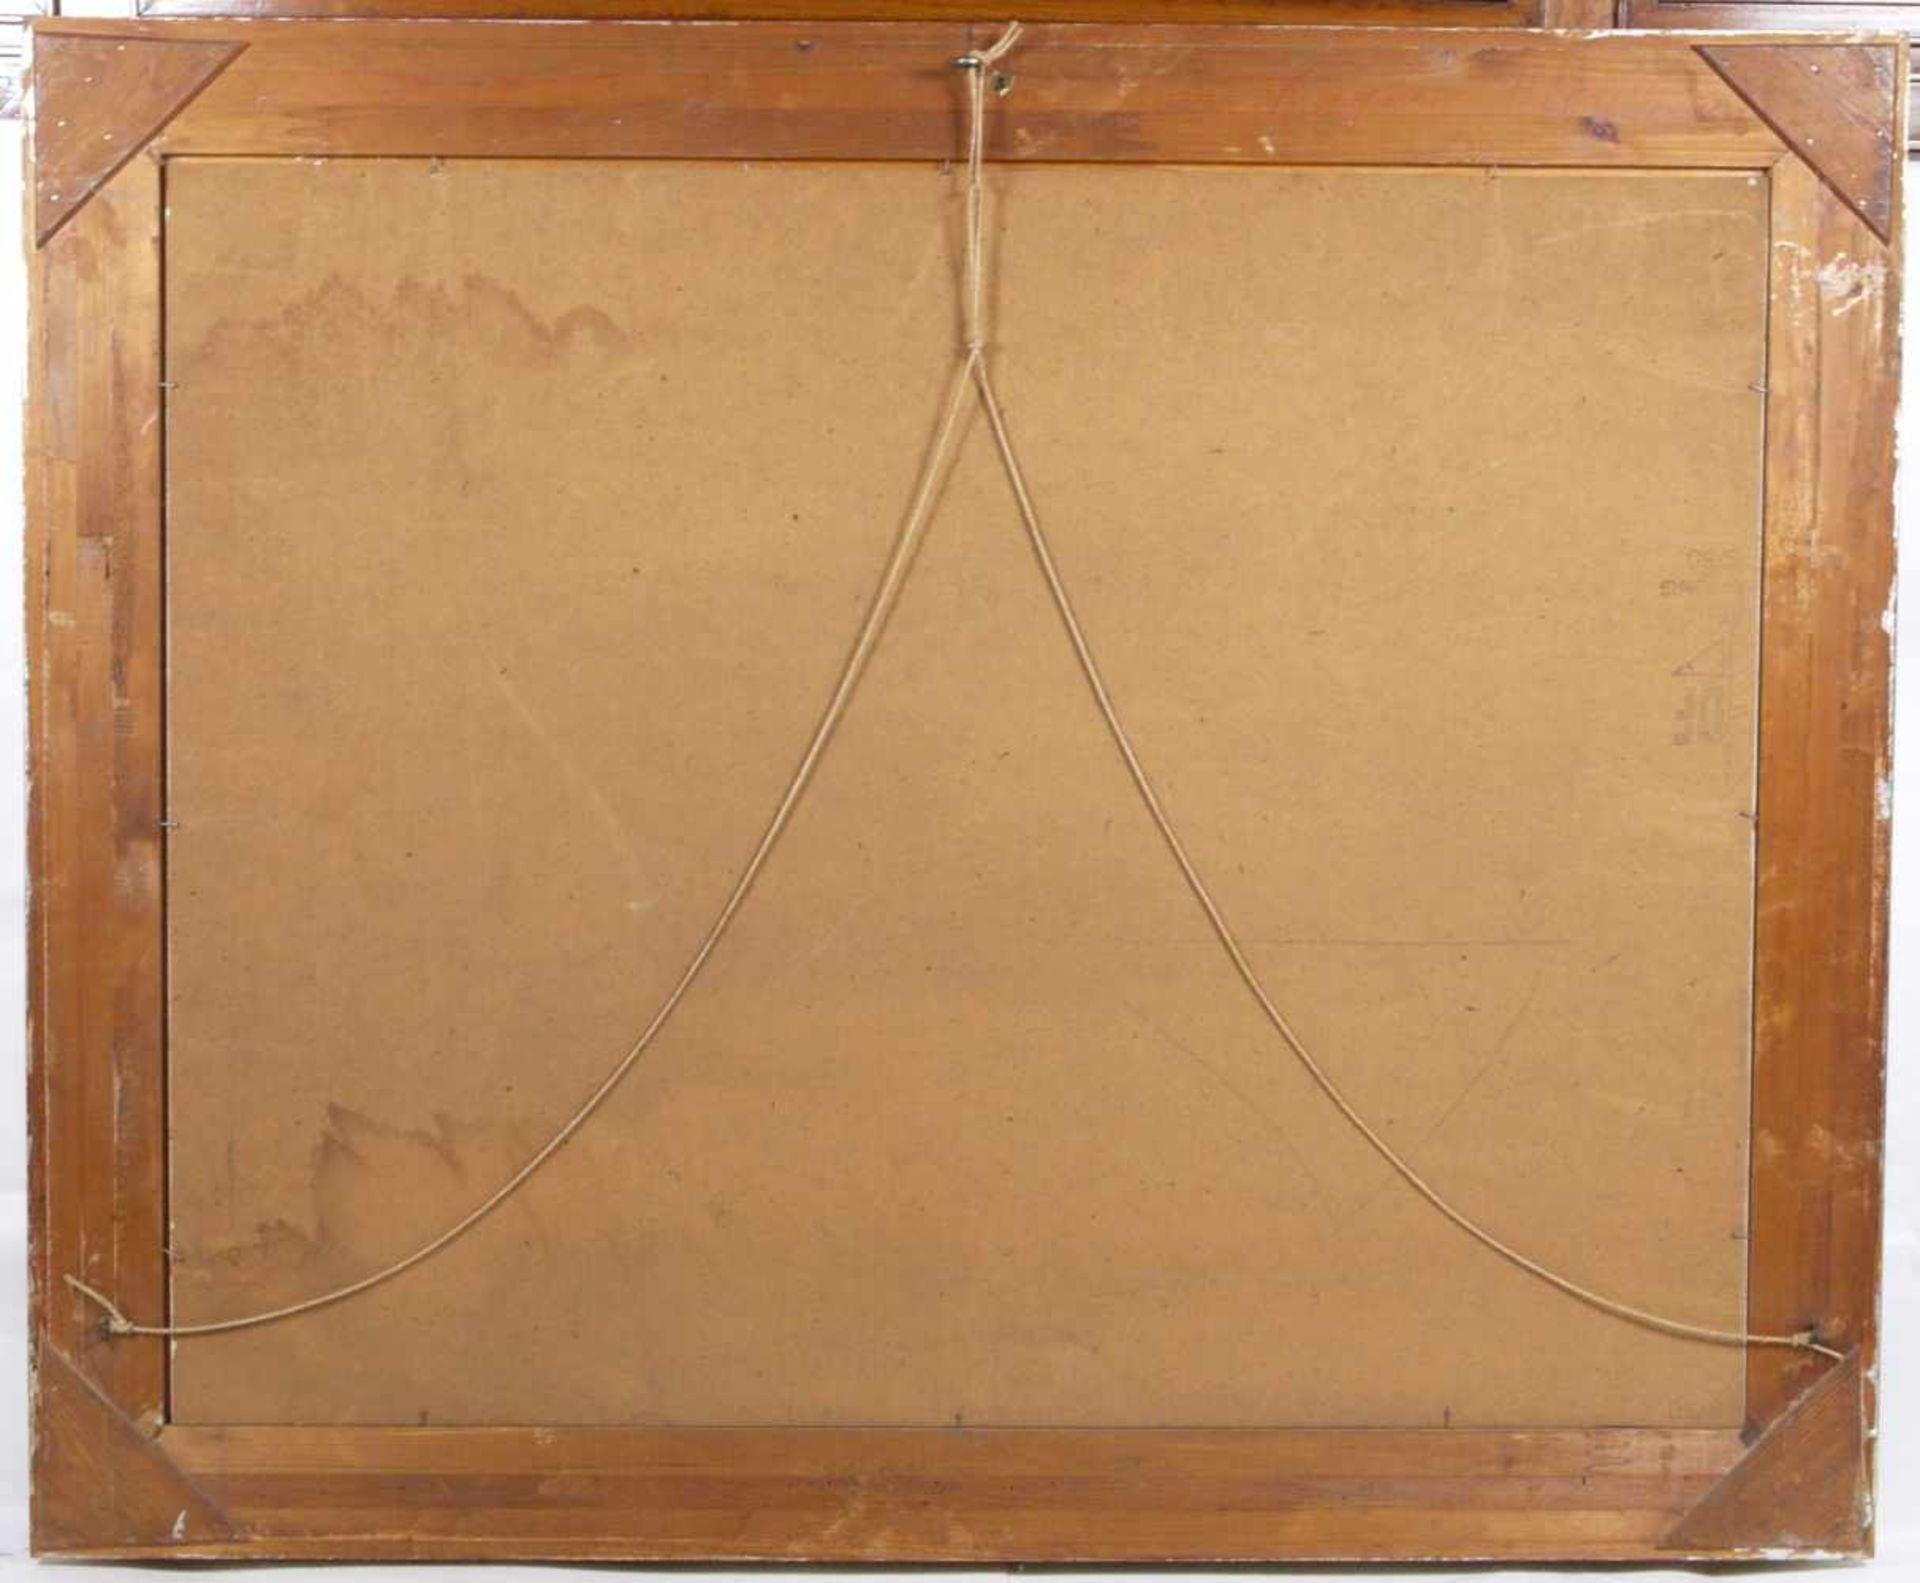 Kugler, Heinrich (1888- ca. 1946) - Symbolträchtiges Stillleben NürnbergGroßformatiges Gemälde in Öl - Bild 3 aus 8